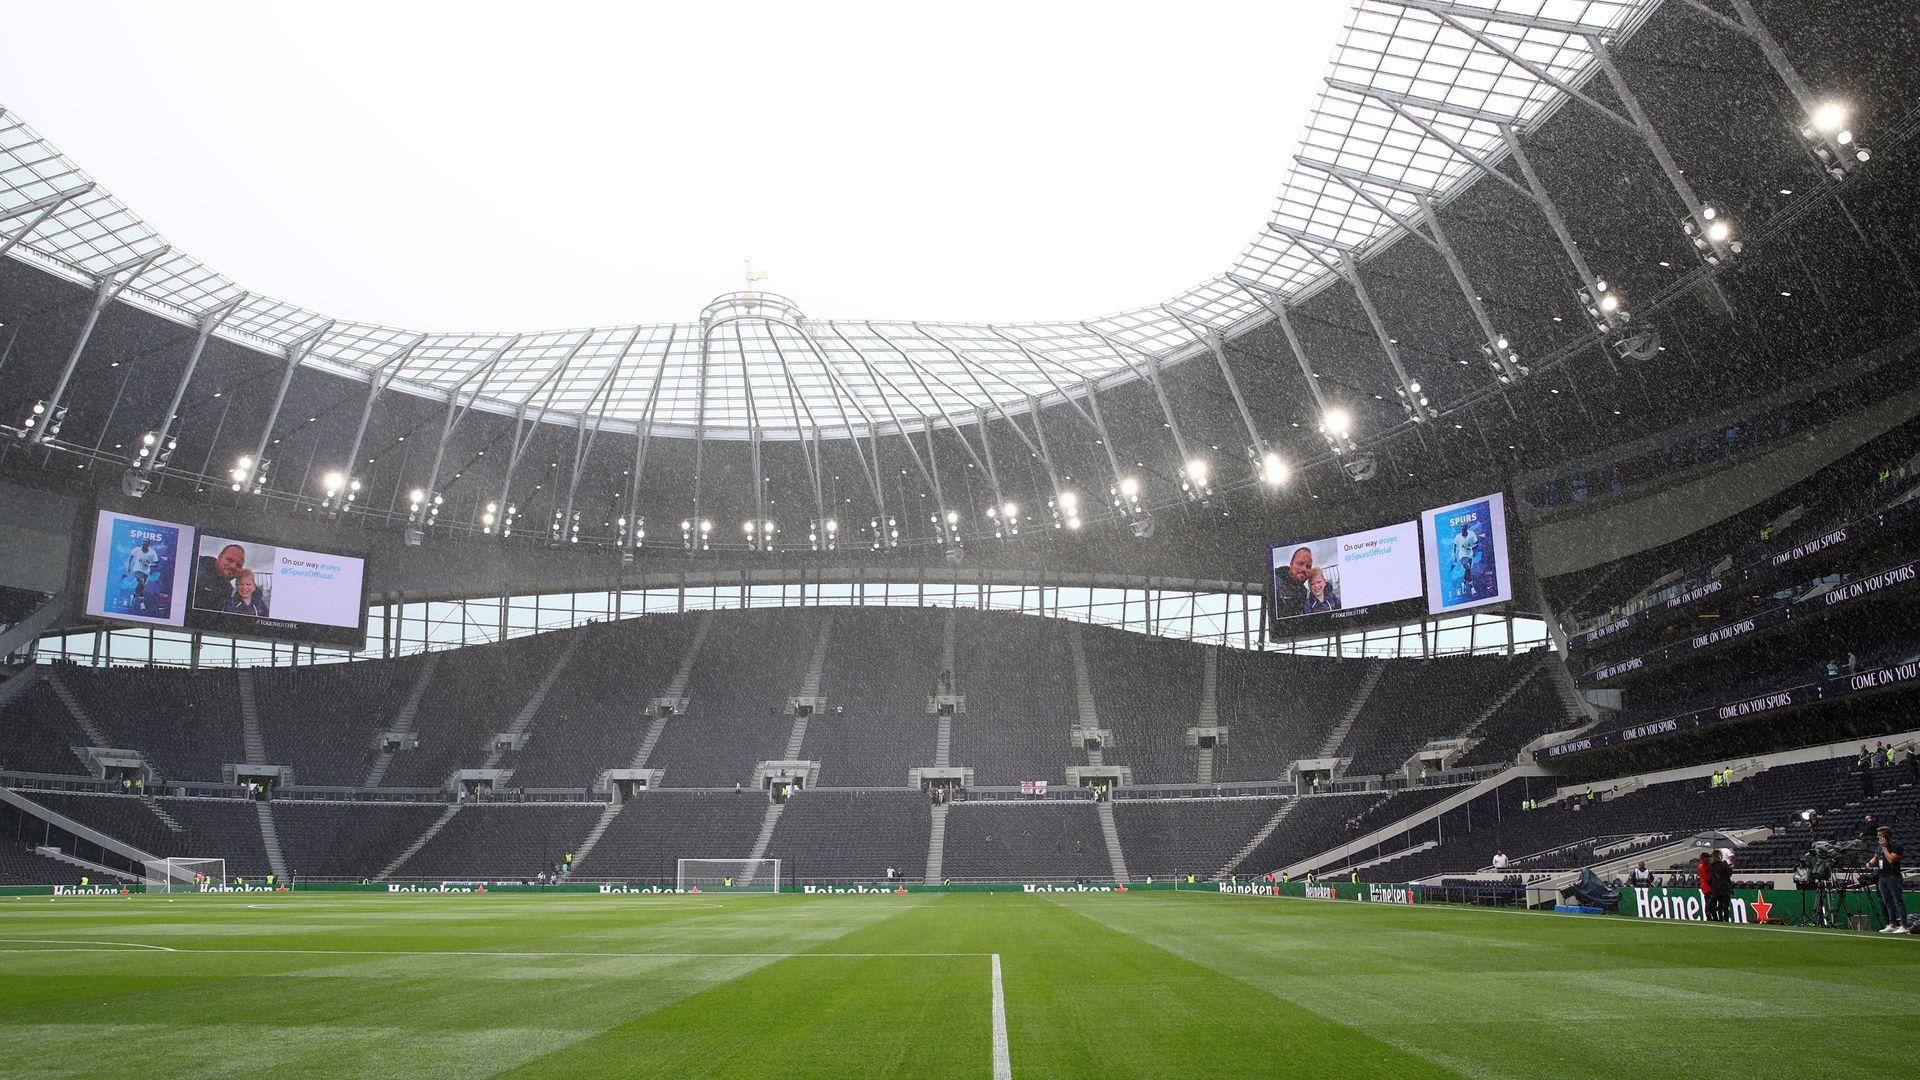 天空:热刺新球场扩建方案批准通过,将新增500个座位